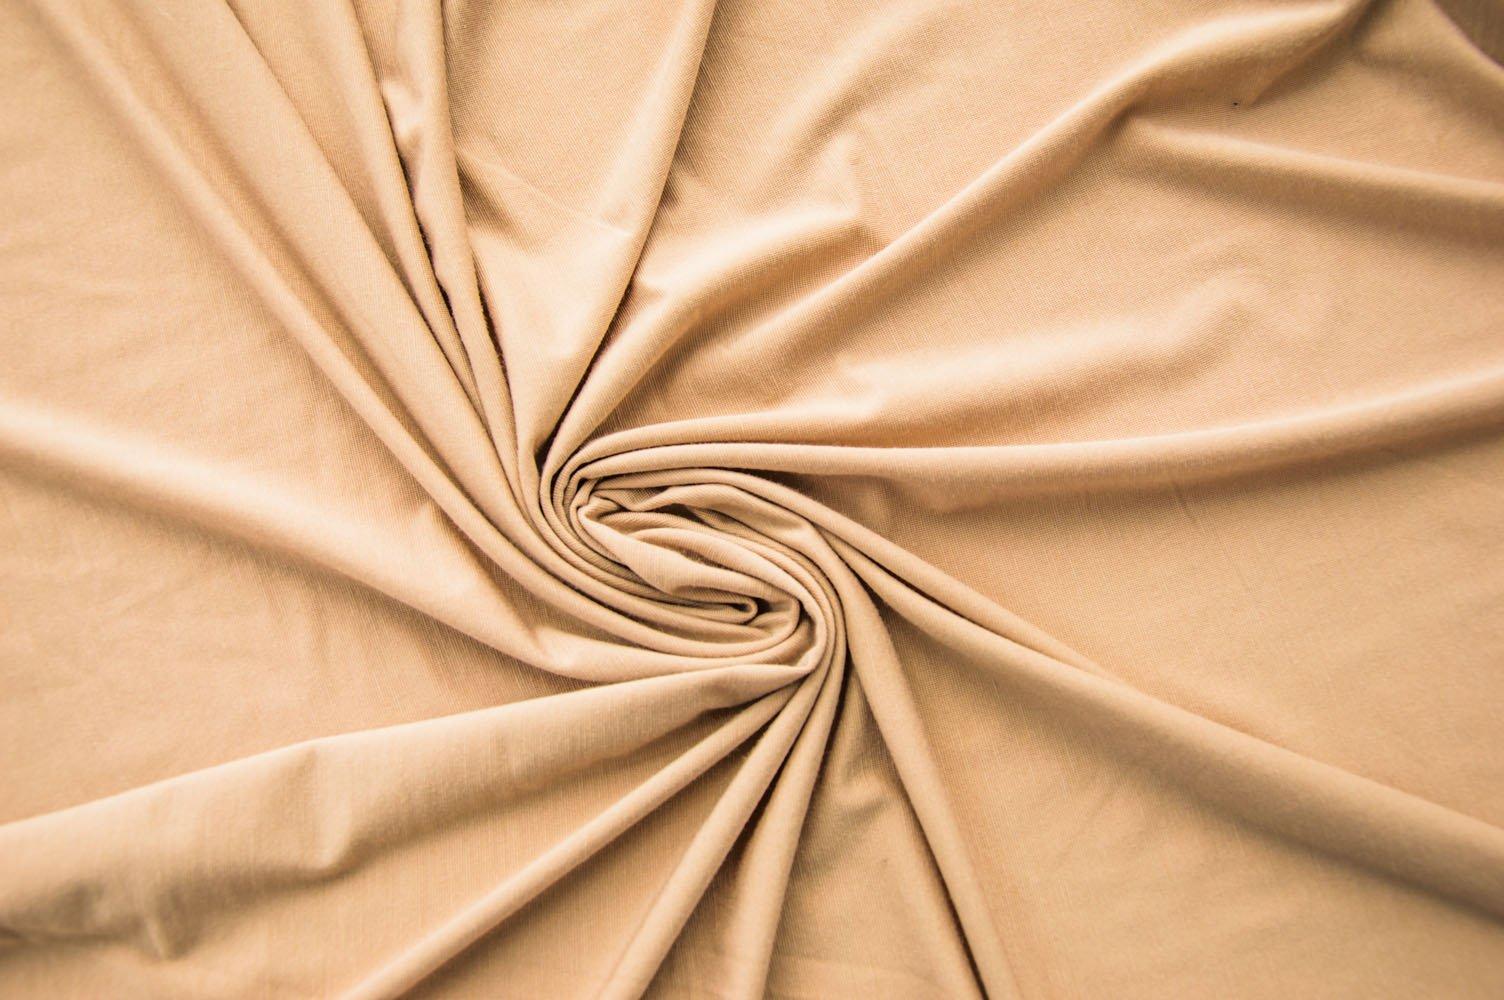 Вискоза: что за материал, тянется ли, как выглядит, как чистить и стирать